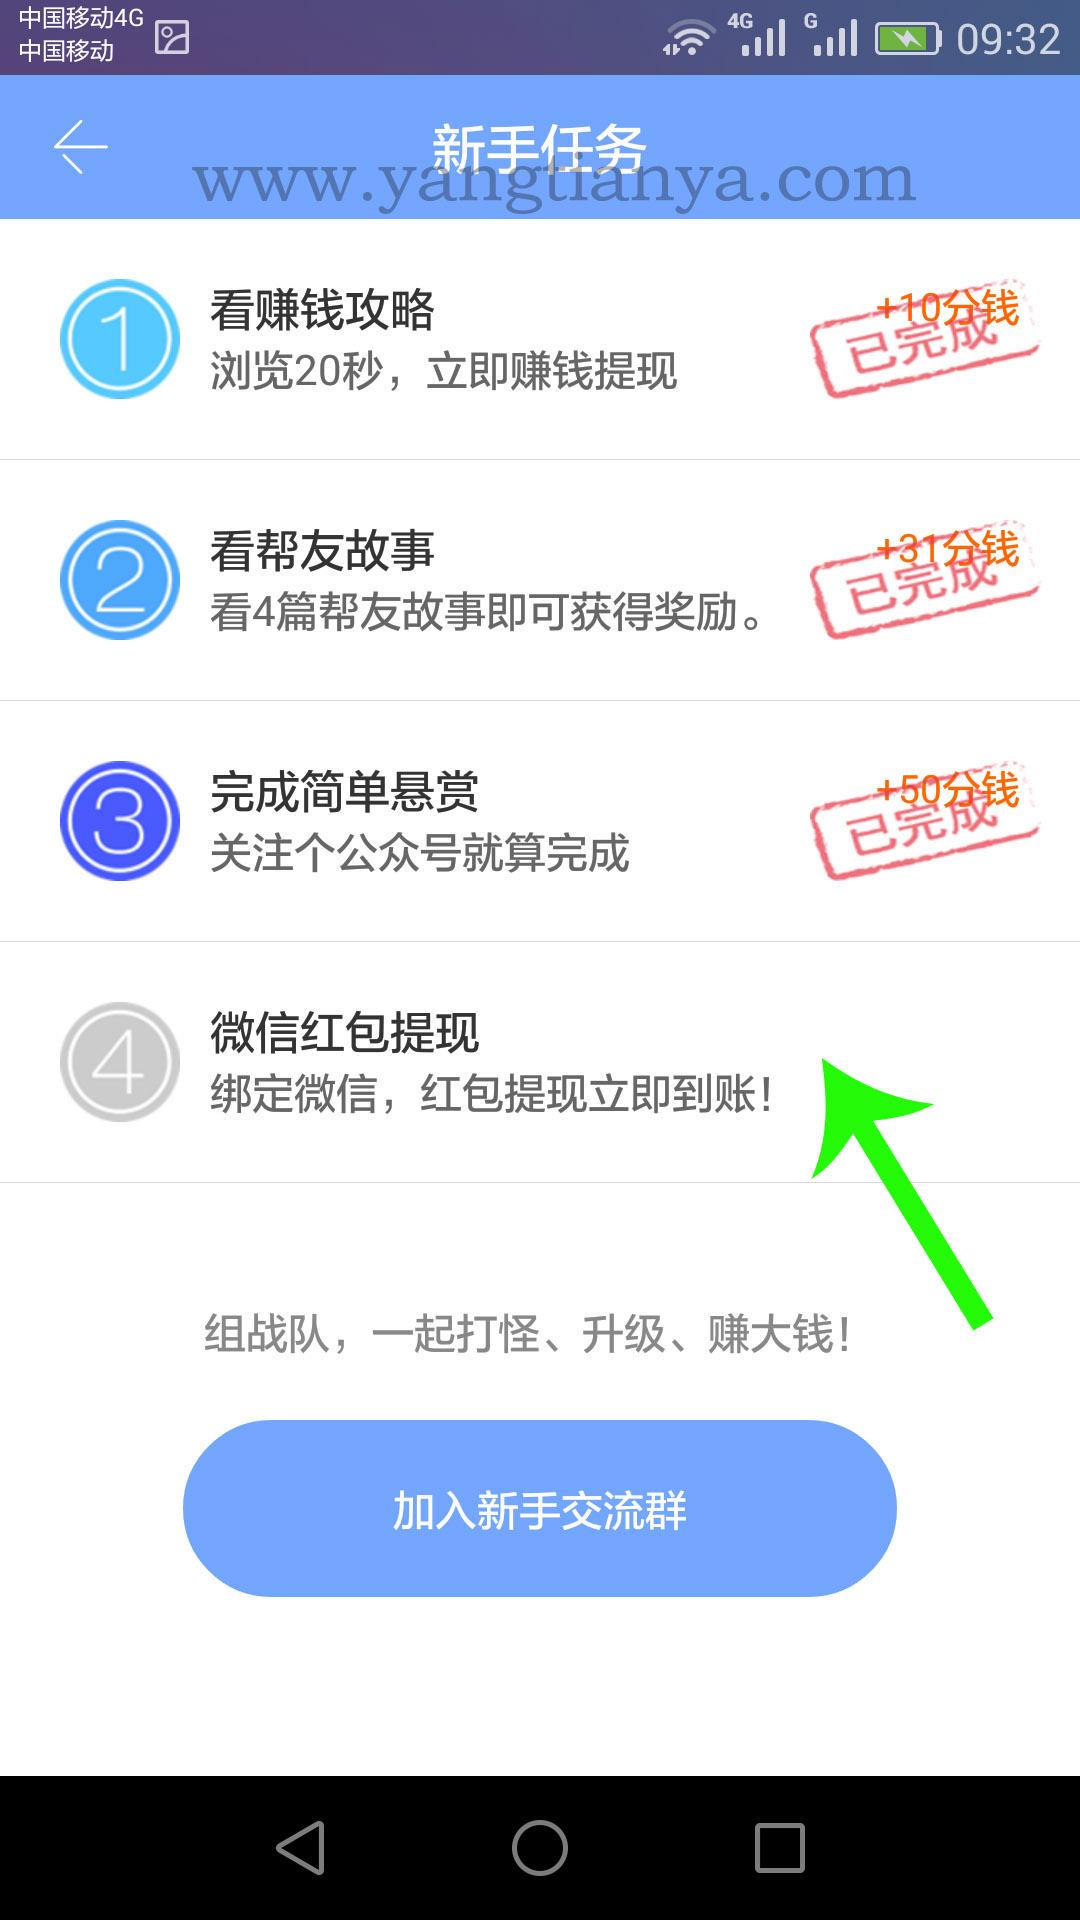 众人帮,新用户注册完成新人任务送1元微信红包图片5